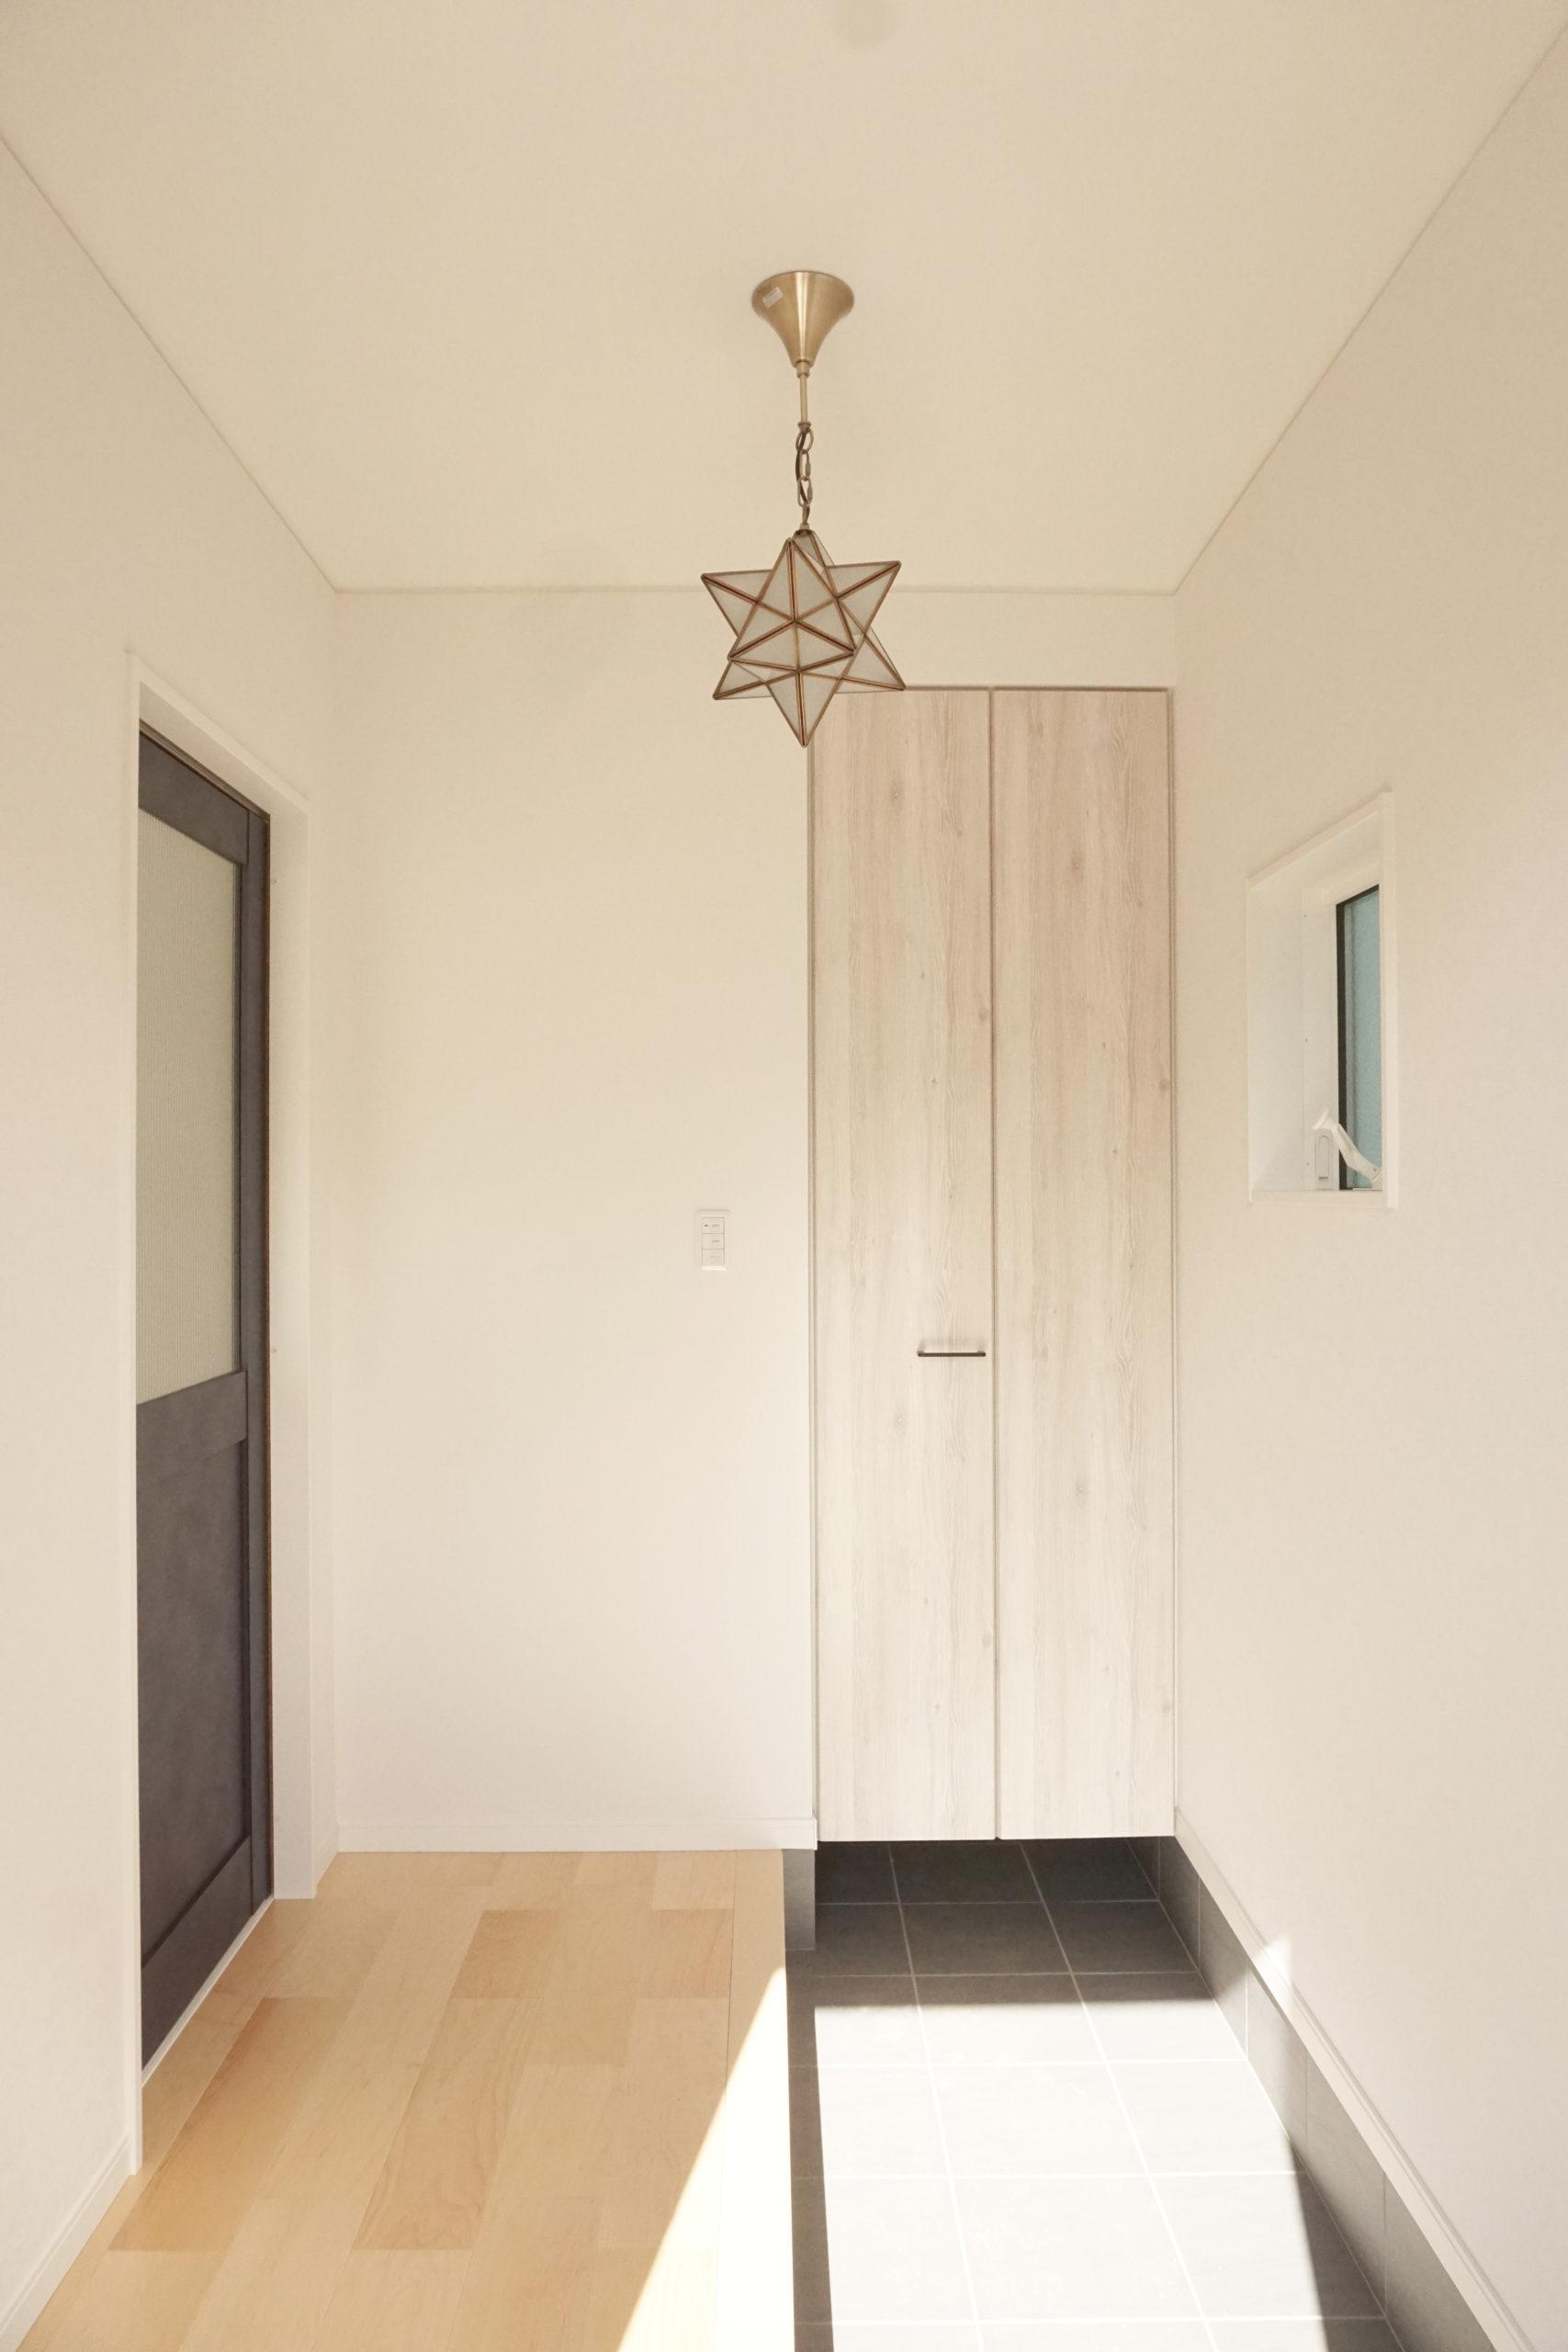 福山市の注文住宅|今井住建の施工事例ギャラリー「玄関横のSCは便利ですよね」